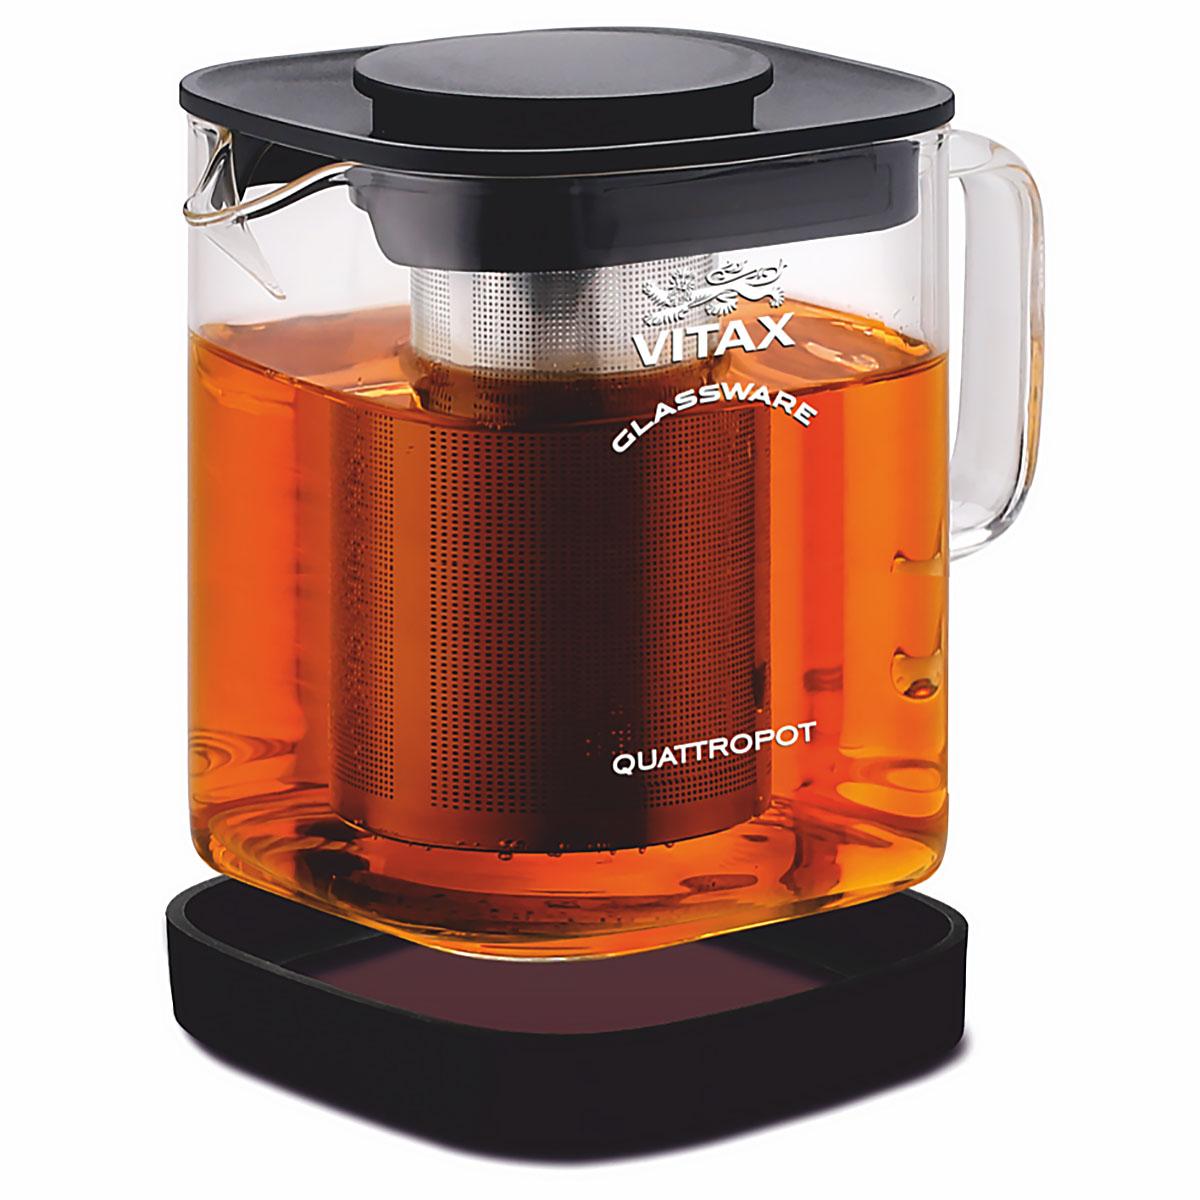 Чайник заварочный Vitax VX-3311 Thirlwall 4 в 1, 900 мл rainstahl заварочный чайник 7201 90 rs tp 900 мл стальной